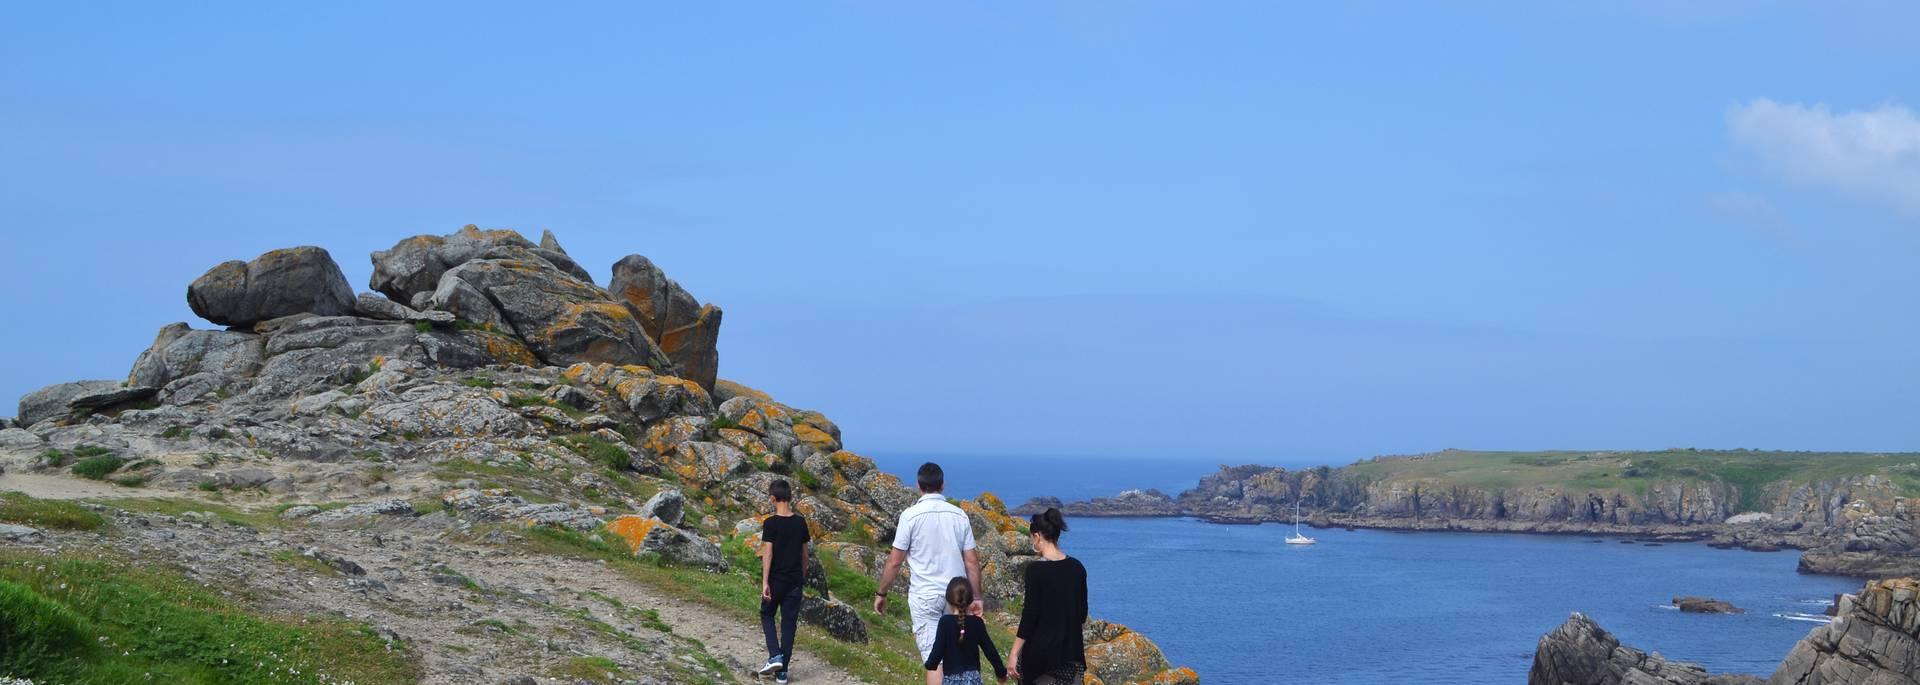 Fußwanderung  an der wilden Küste, Ile d'Yeu